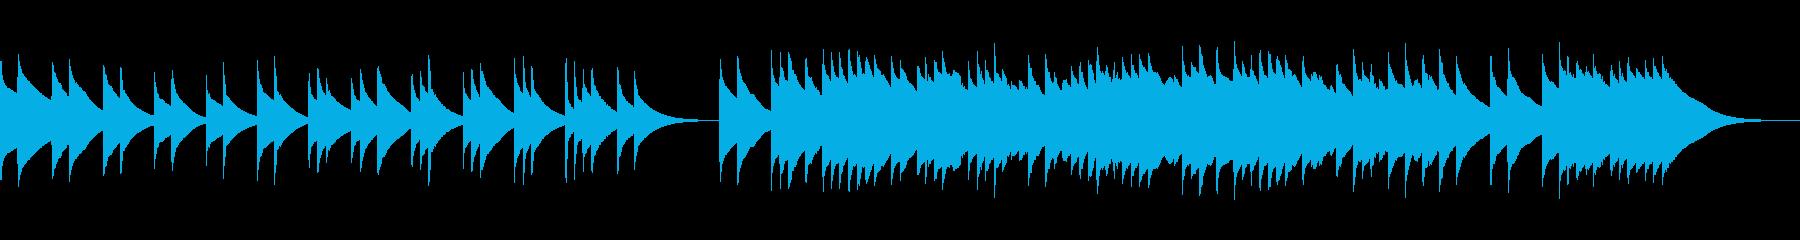 (フル)哀愁のチェレスタ曲単音展開複数音の再生済みの波形